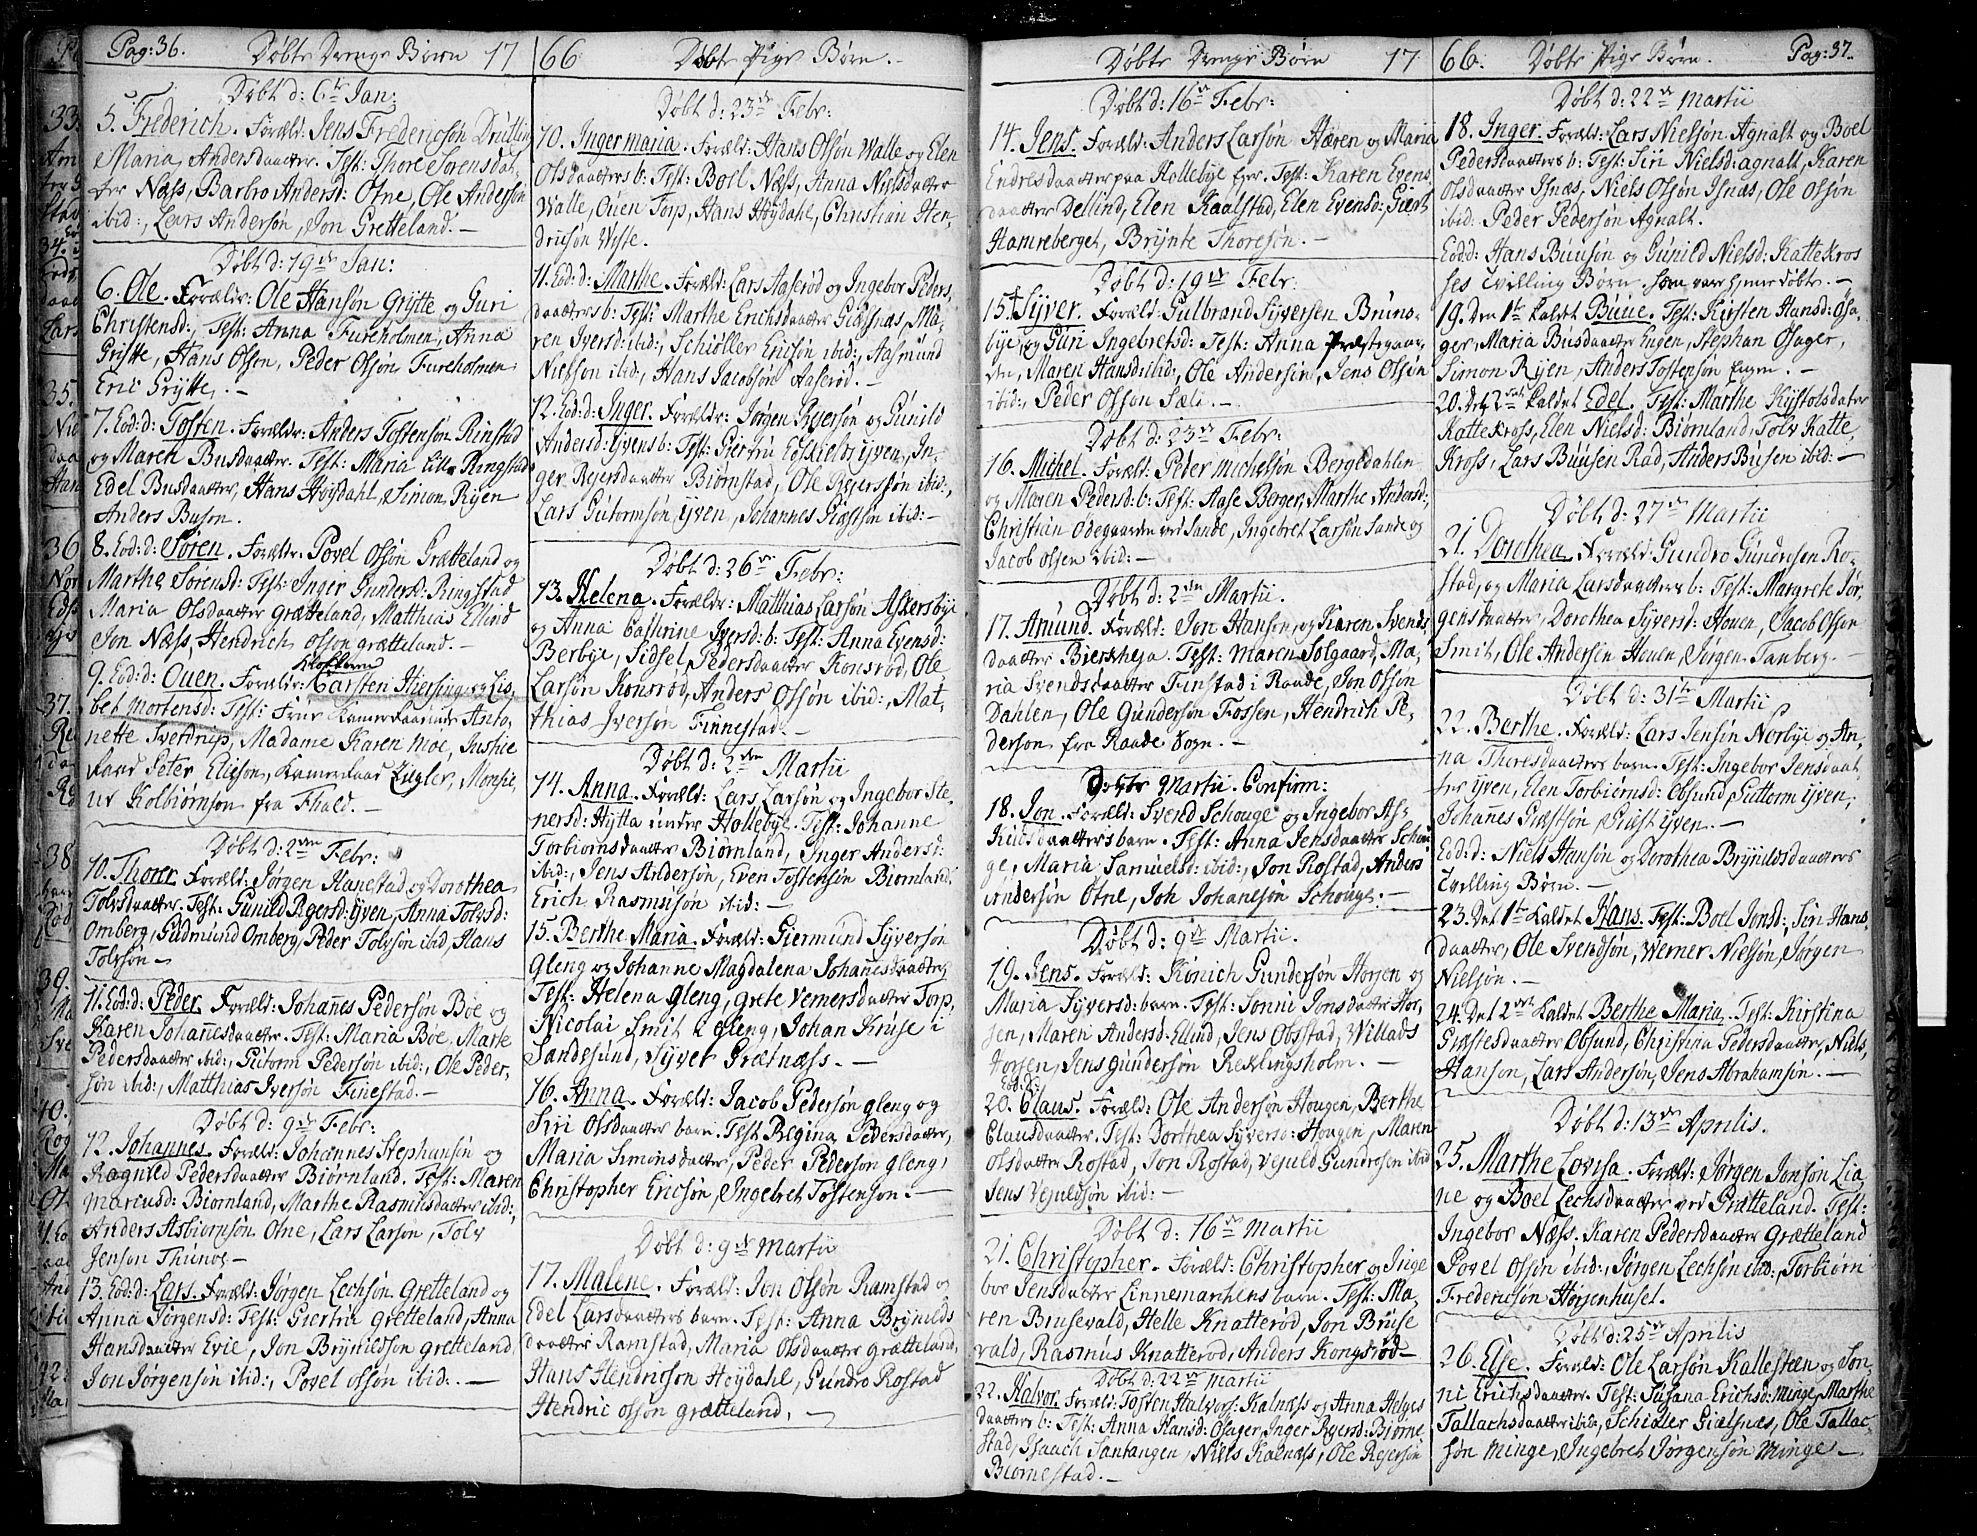 SAO, Tune prestekontor Kirkebøker, F/Fa/L0002: Ministerialbok nr. 2, 1758-1781, s. 36-37